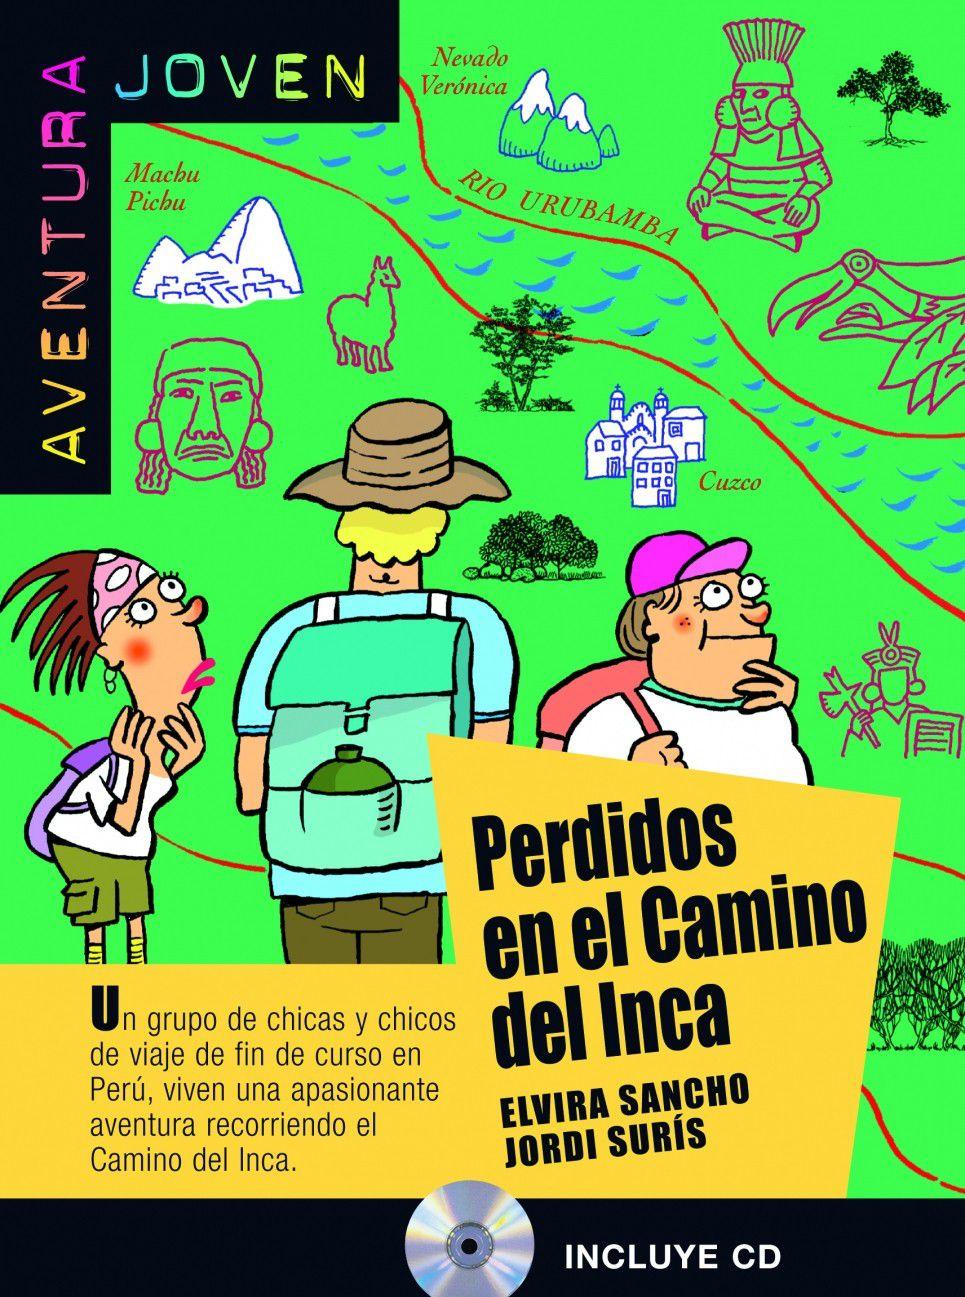 PERDIDOS EN EL CAMINO DEL INCA - AVENTURA JOVEN -